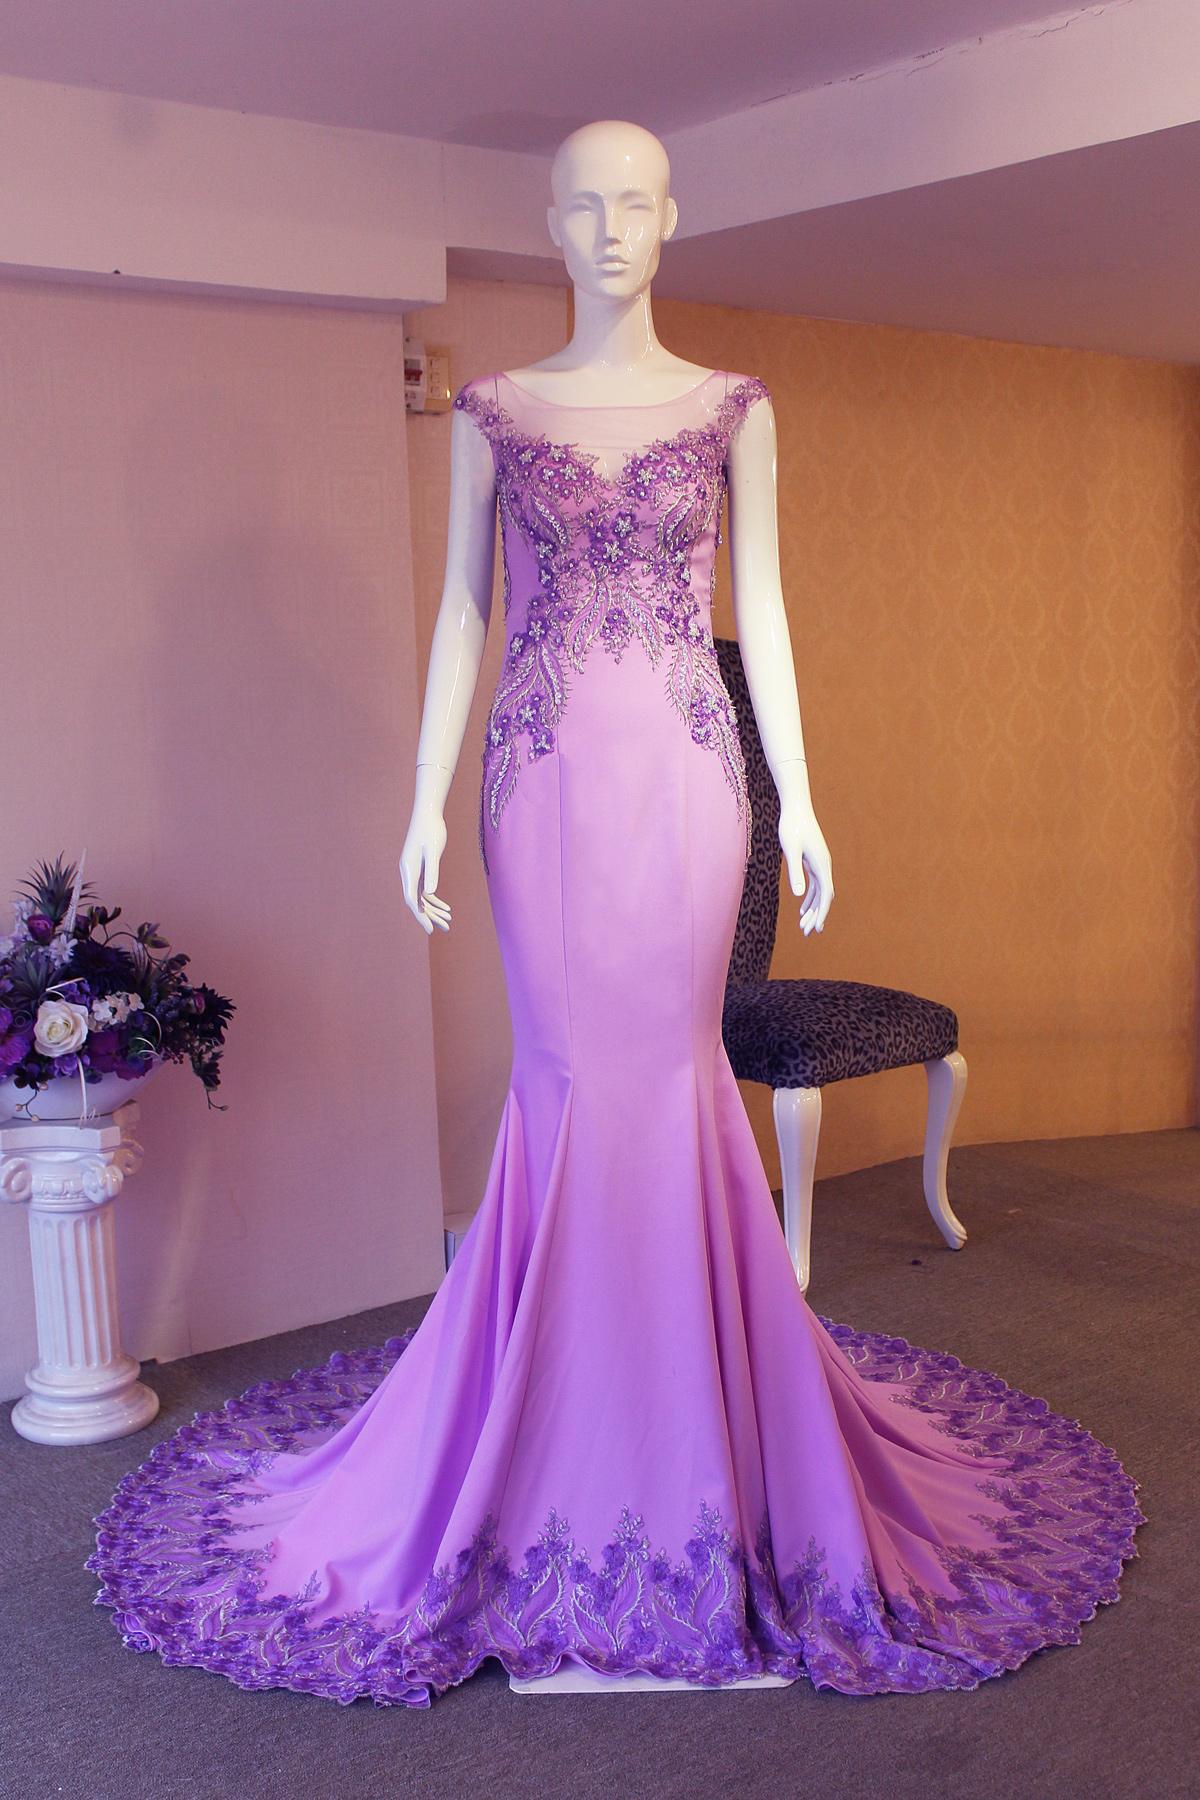 đầm dạ hội cao cấp màu tím